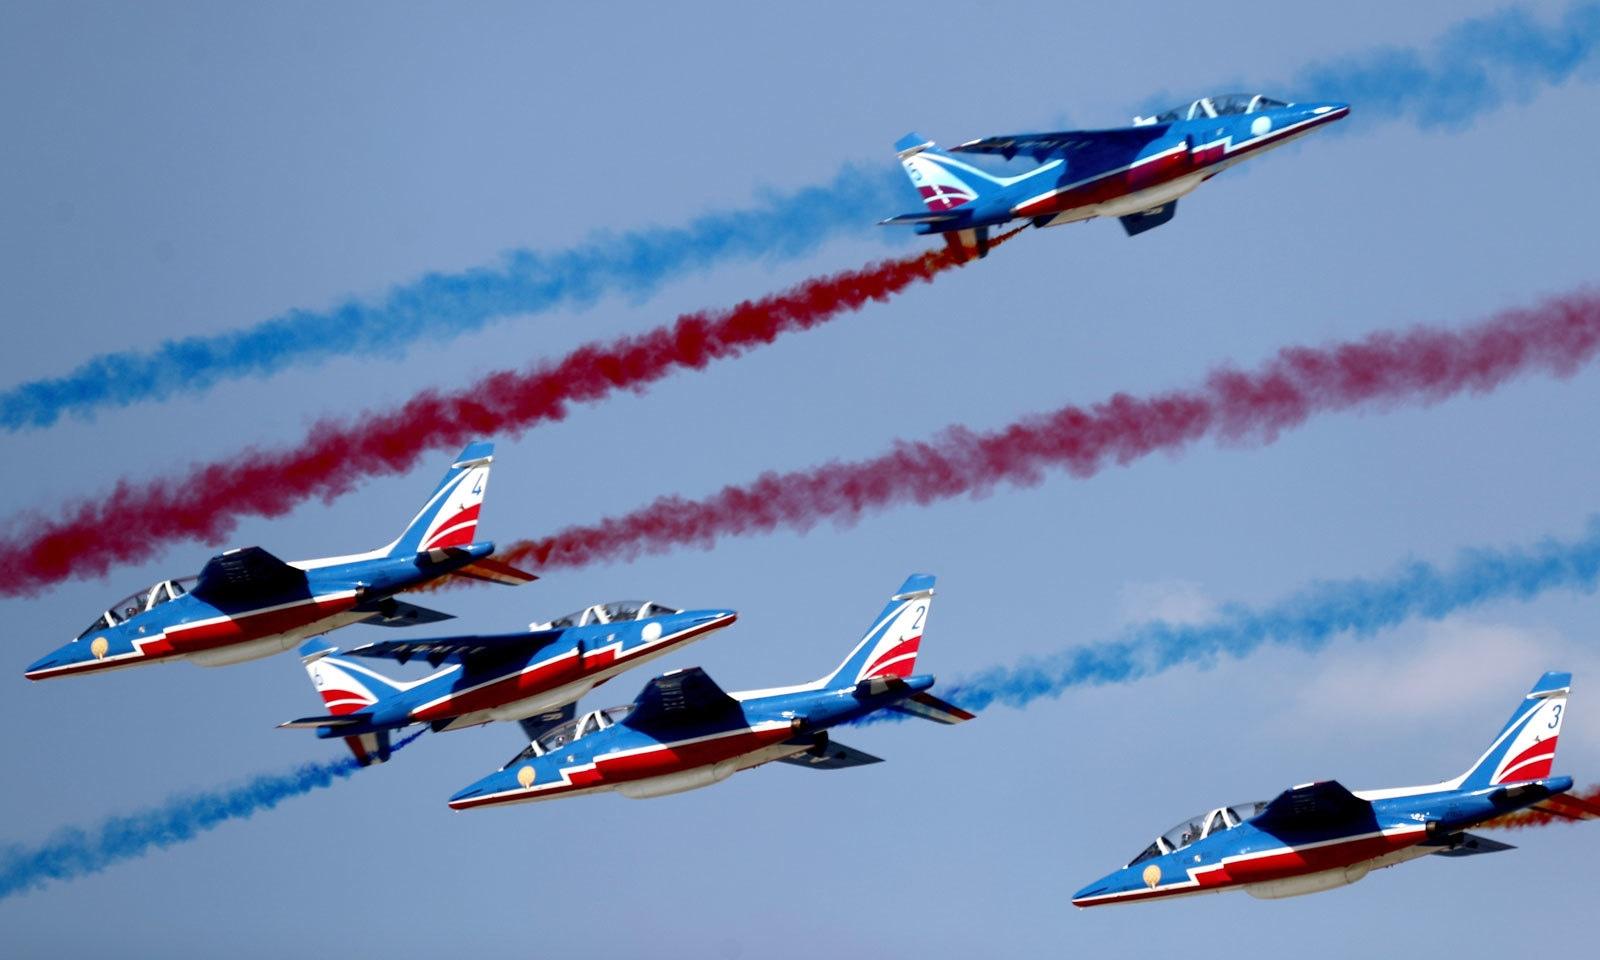 ایئر شو کے پہلے روز فرانسیسی طیاروں کا کرتب کا شاندار مظاہرہ — فوٹو: اے پی